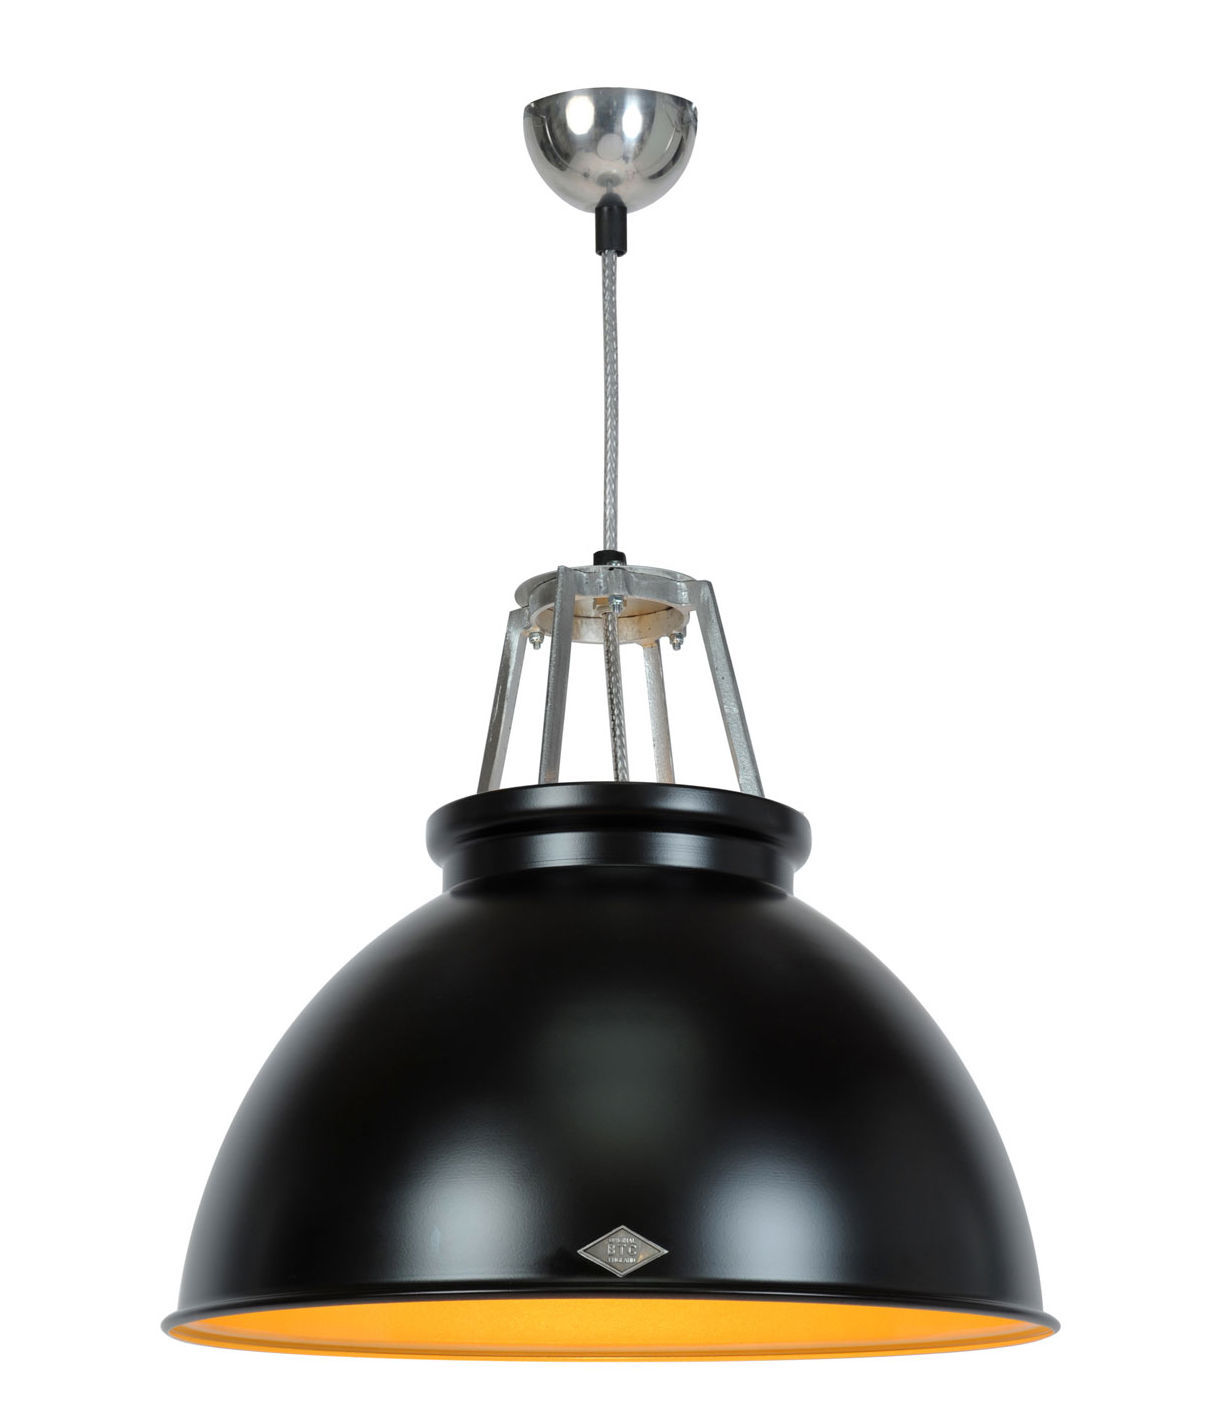 Lighting - Pendant Lighting - Titan 3 Pendant - H 42,5 cm x Ø 45,5 cm by Original BTC - Black / Bronze interior - Aluminium